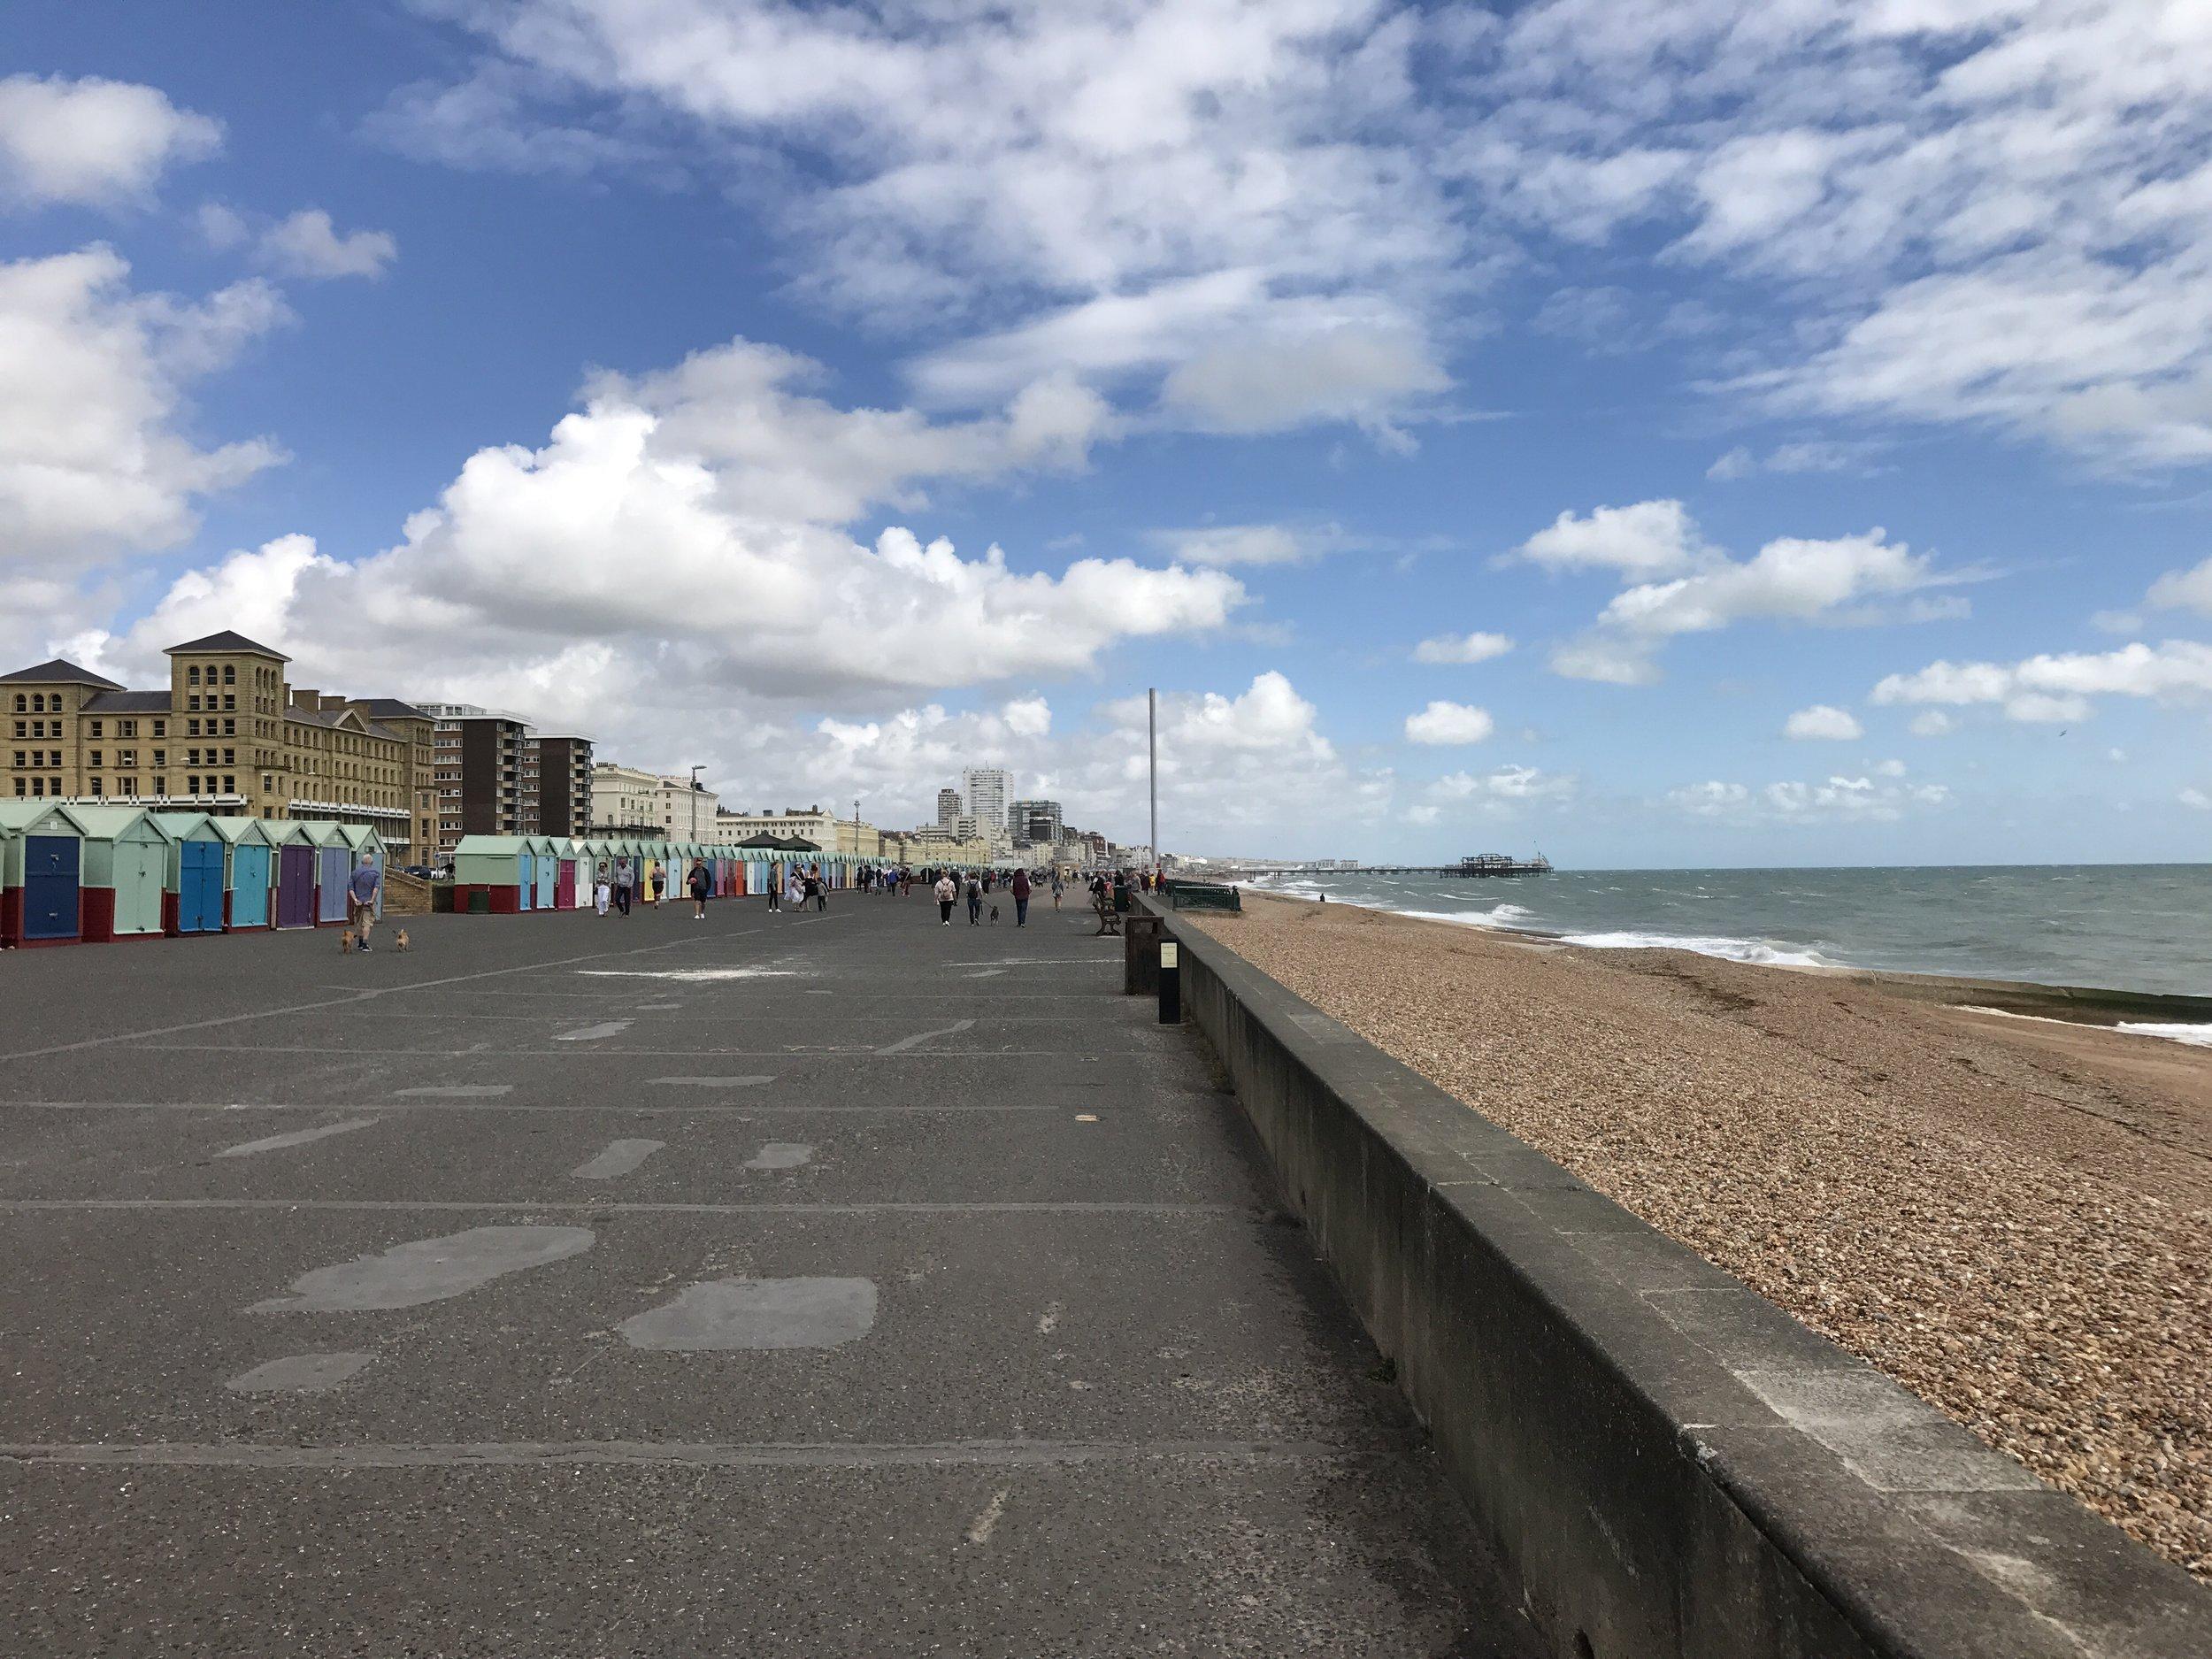 Brighton seafront @jabberingjourno